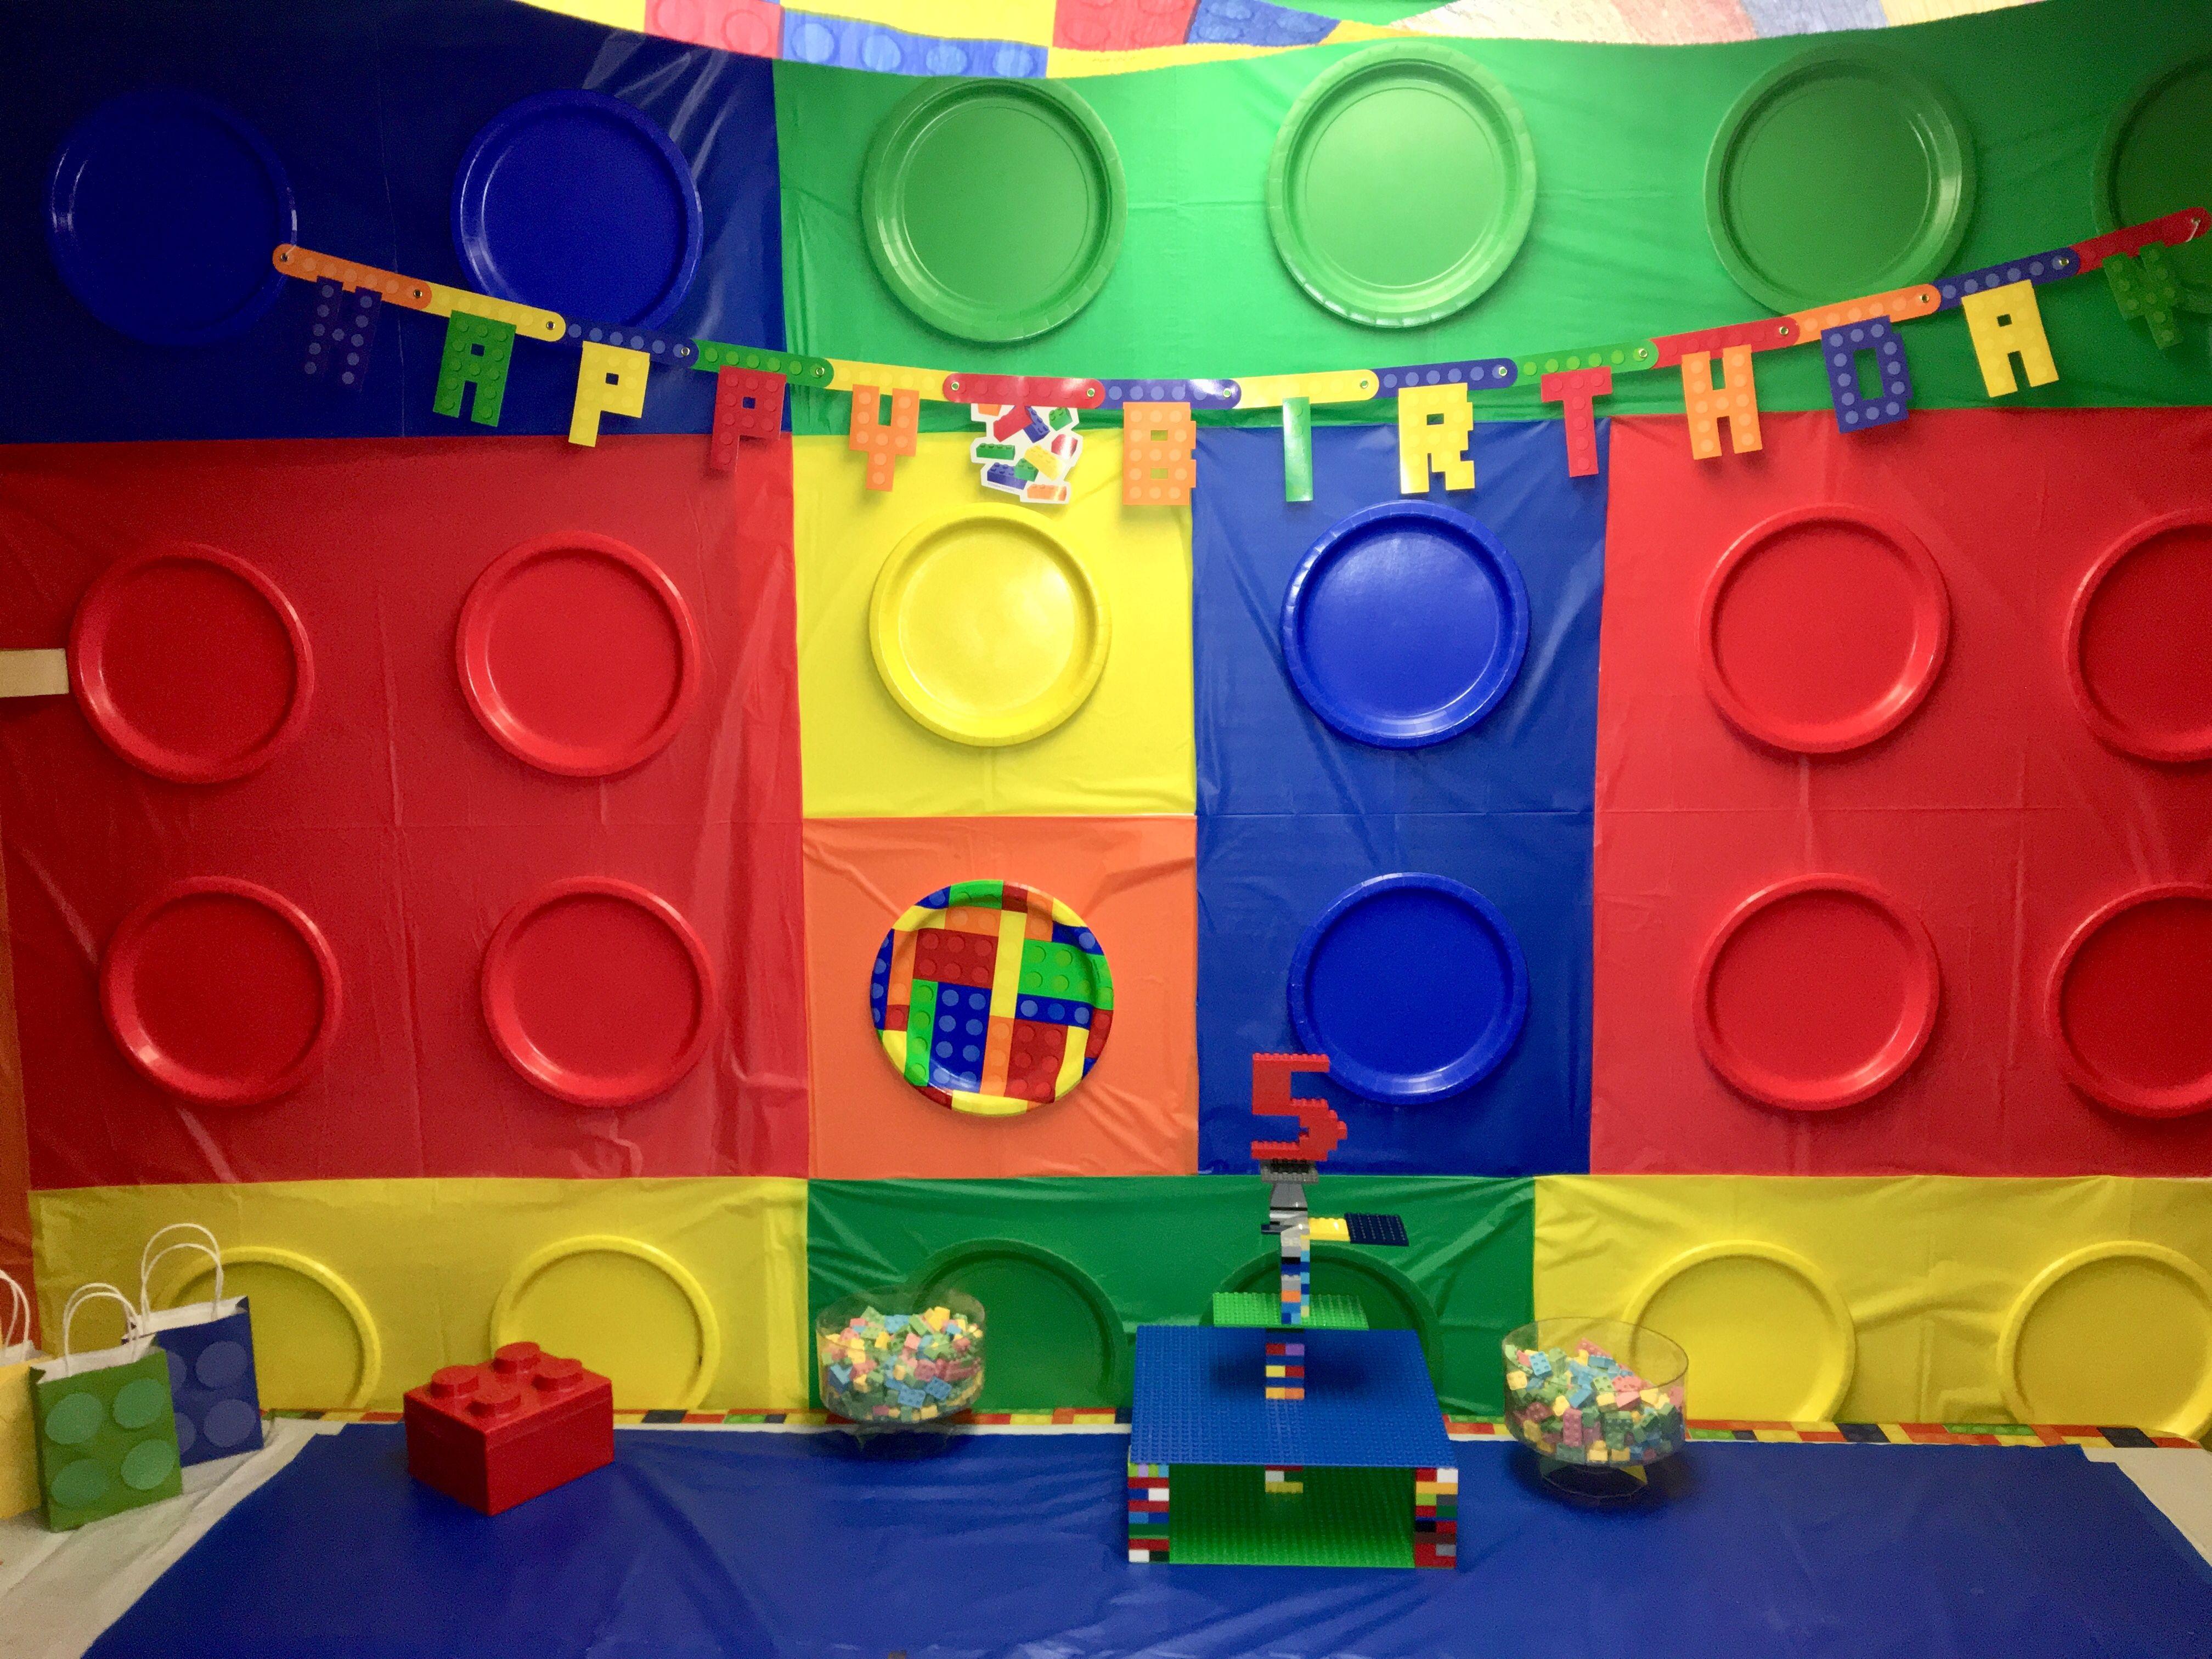 Diy Lego Boy Birthday Party Ideas Candy Cake Table Set Up Brick Wall Lego Birthday Party Lego Birthday Boy Birthday Parties